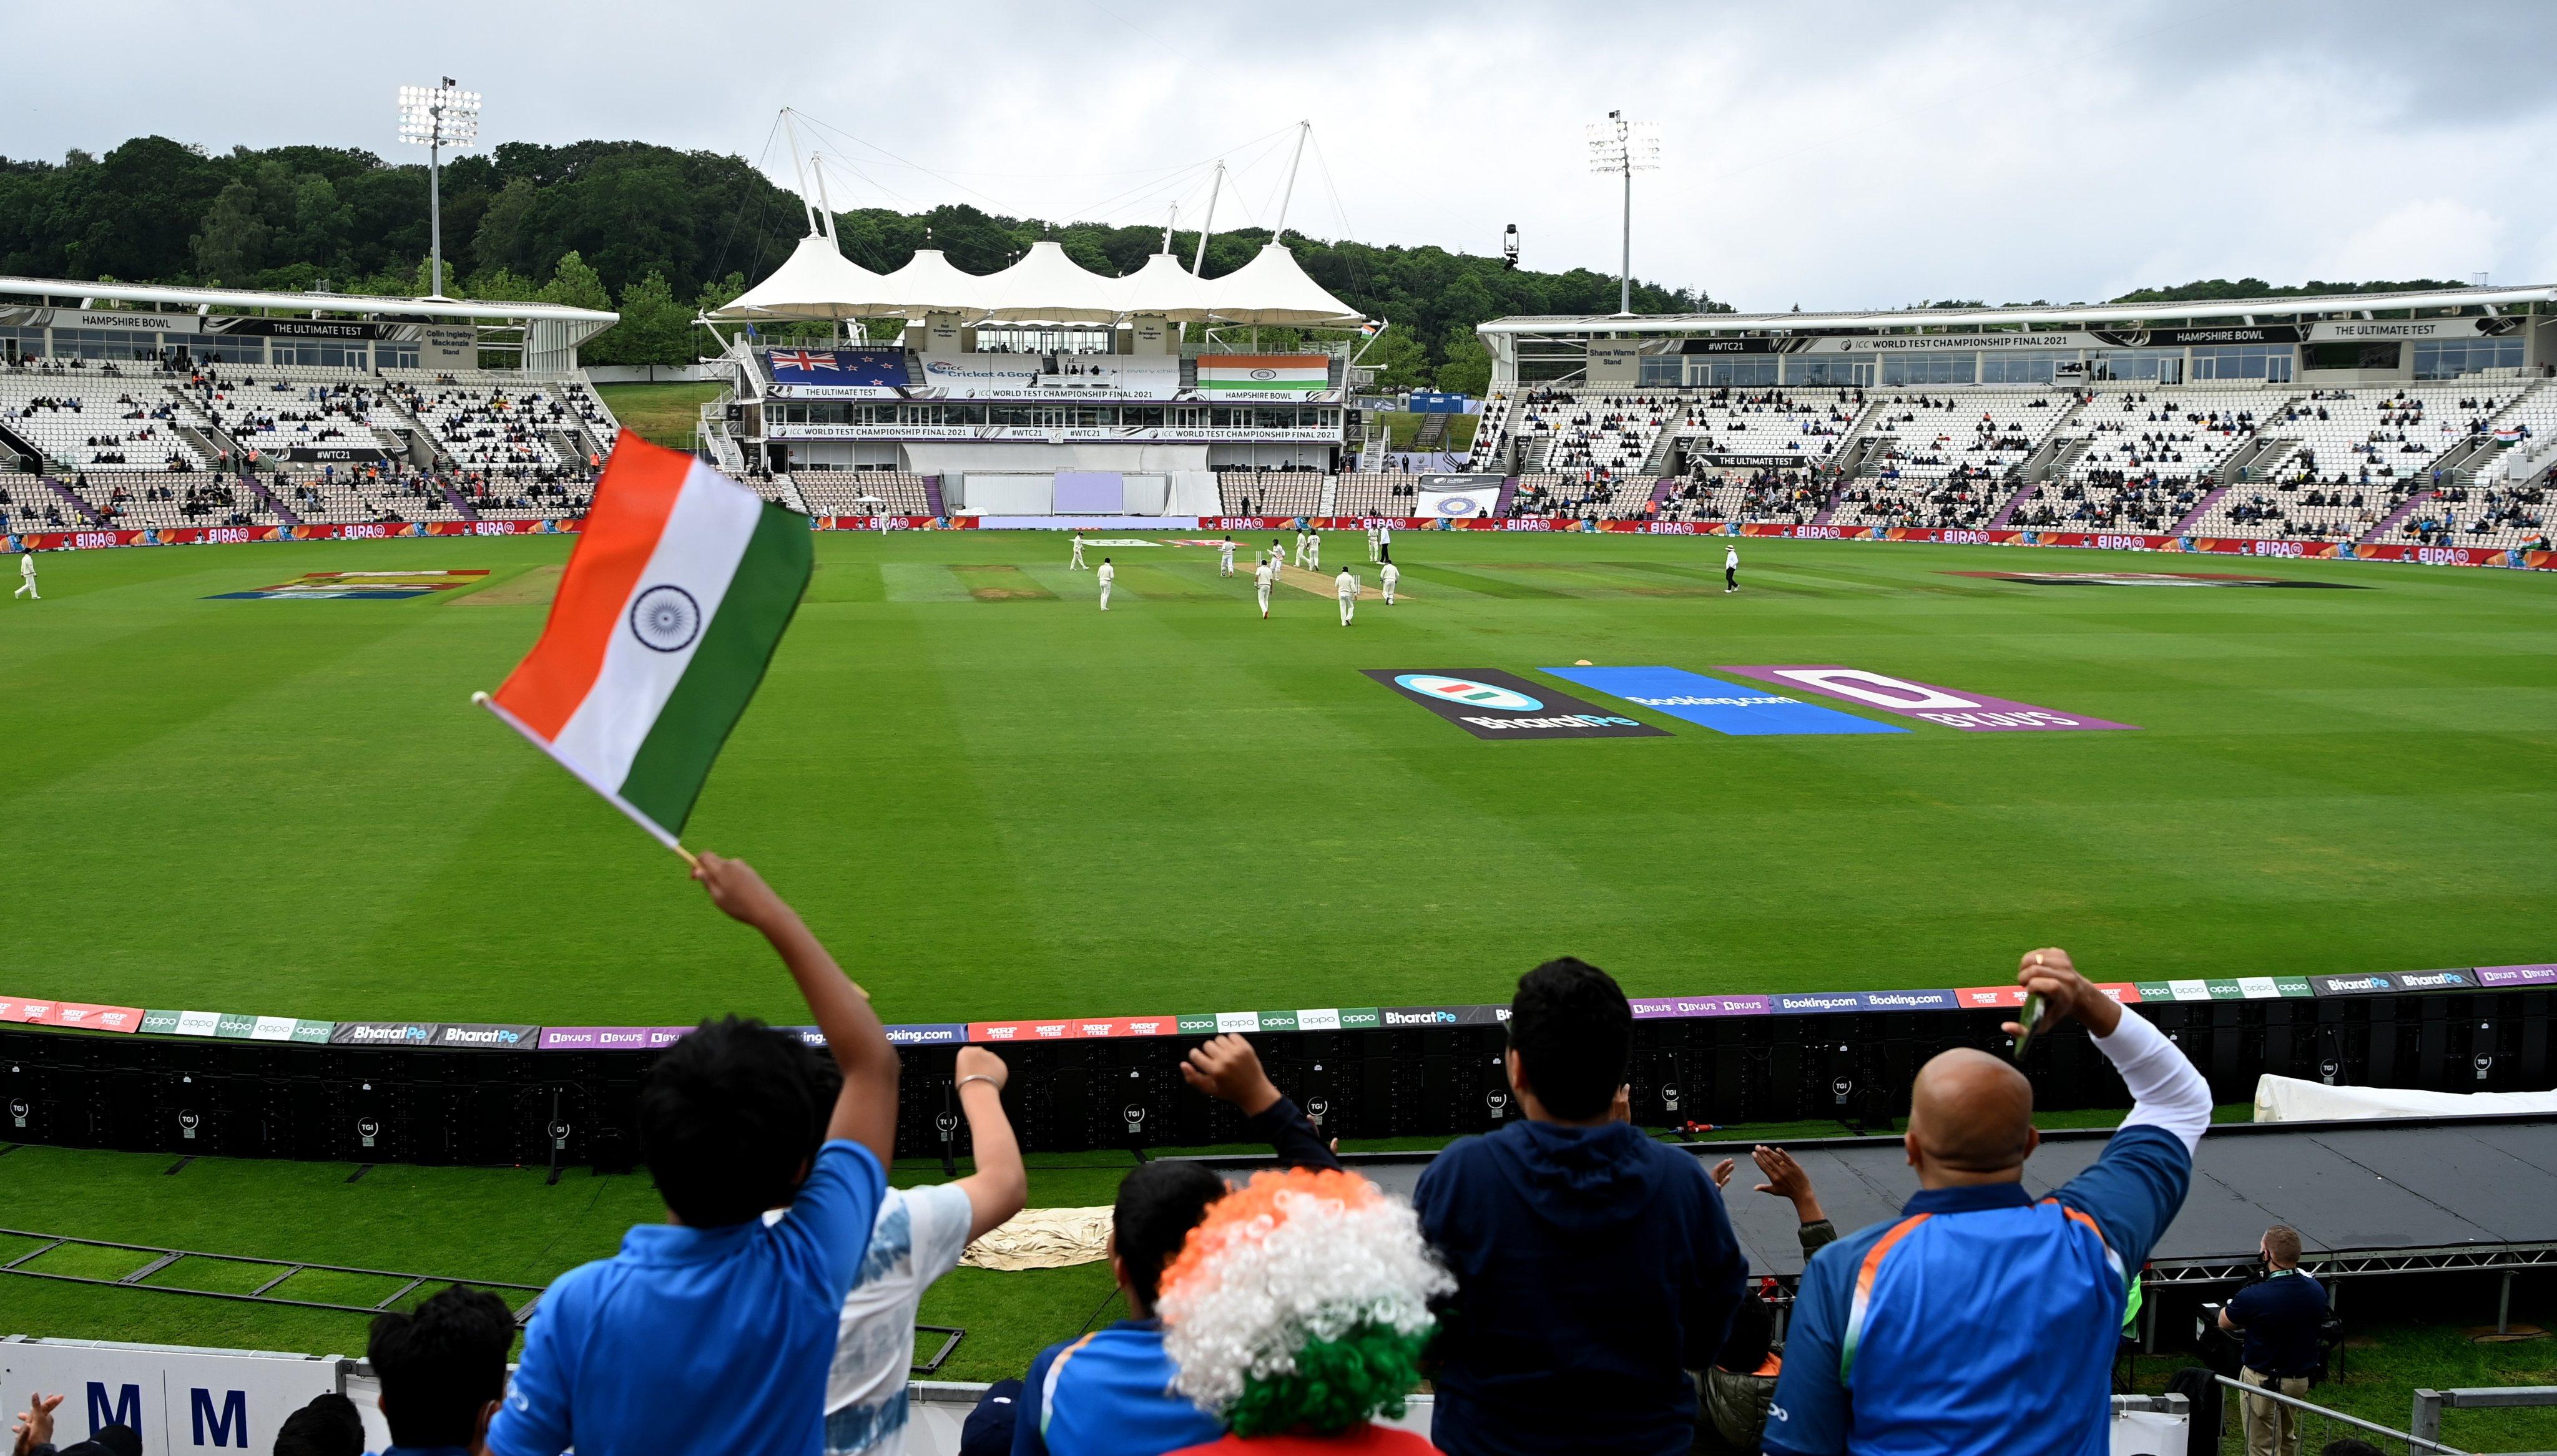 फाइनल के लिए 4 हजार फैंस के स्टेडियम में एंट्री दी गई।